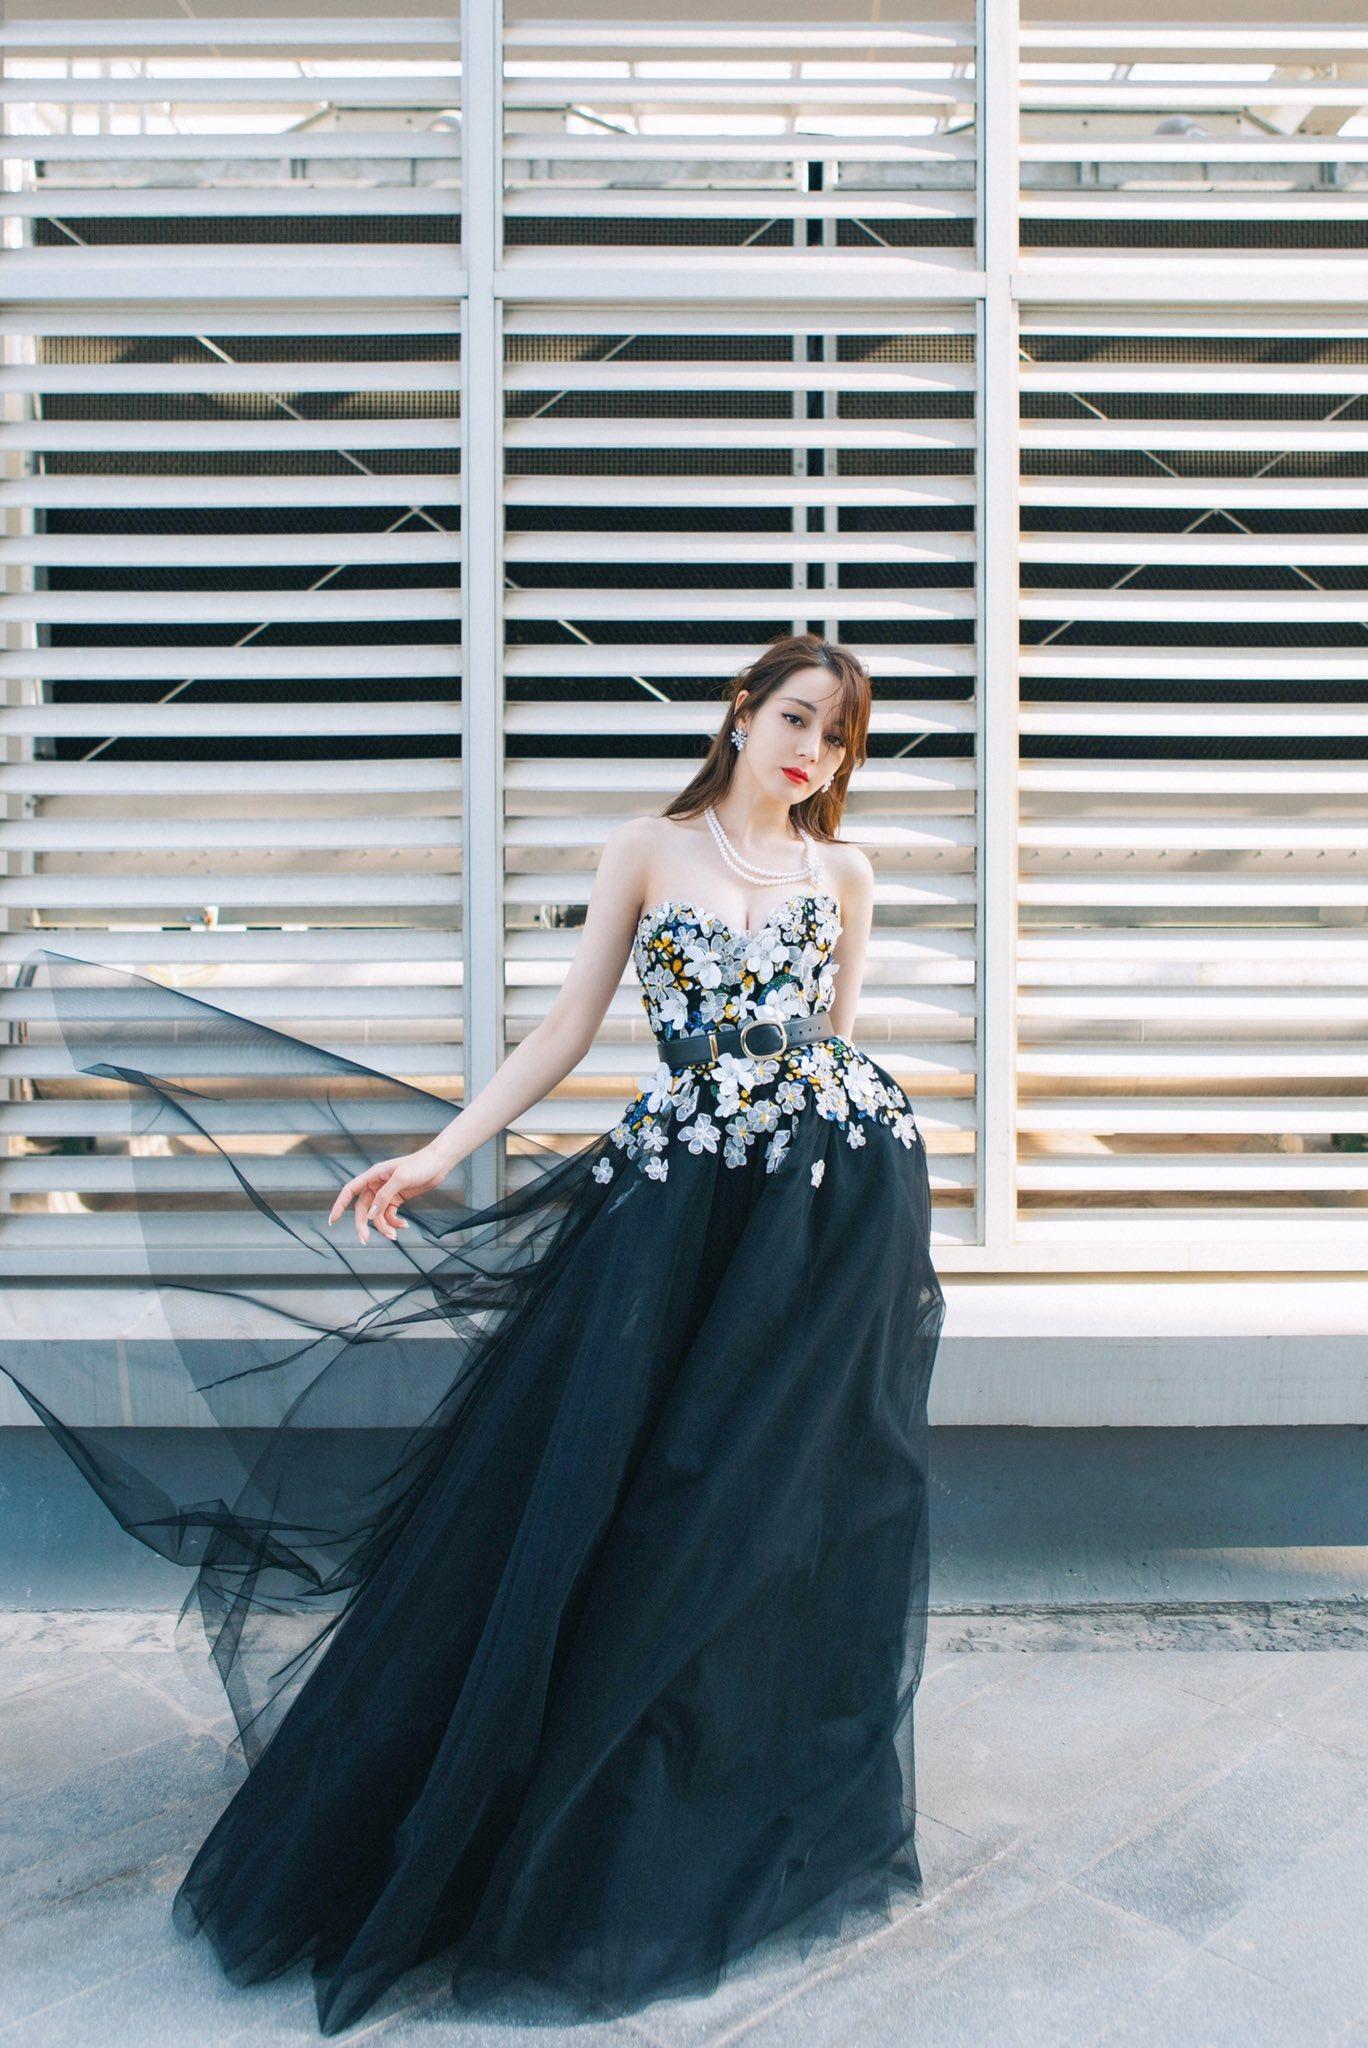 Địch Lệ Nhiệt Ba mặc đầm dạ hội Elie Saab màu đen